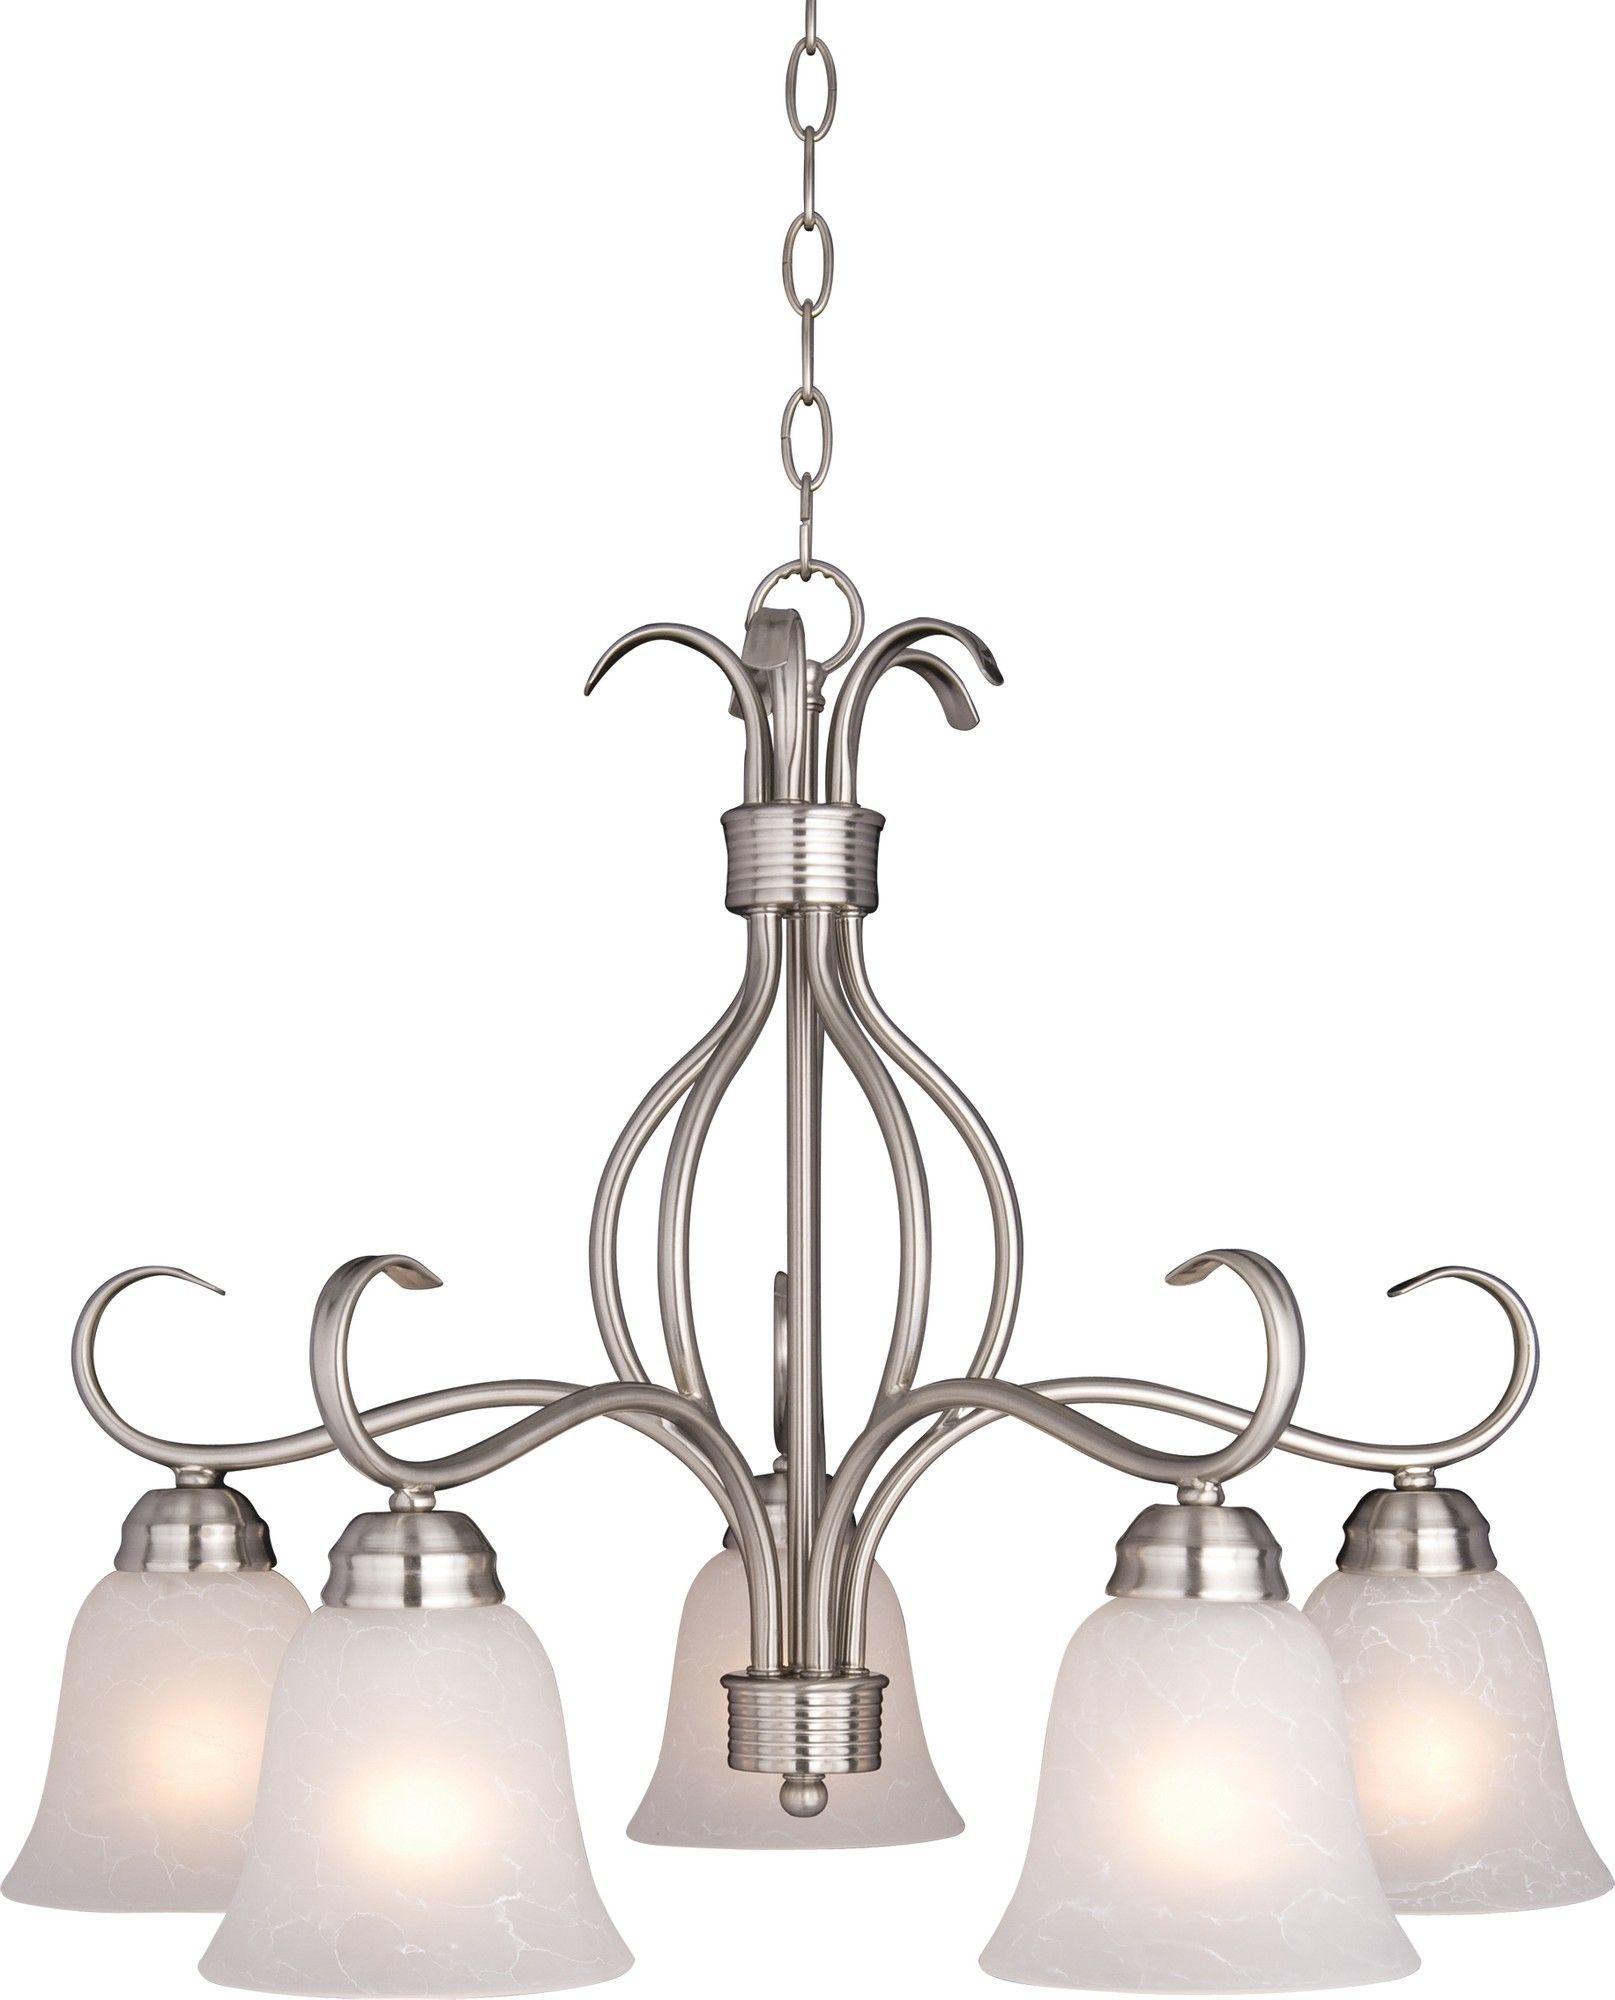 Birdsall 5-Light Shaded Chandelier